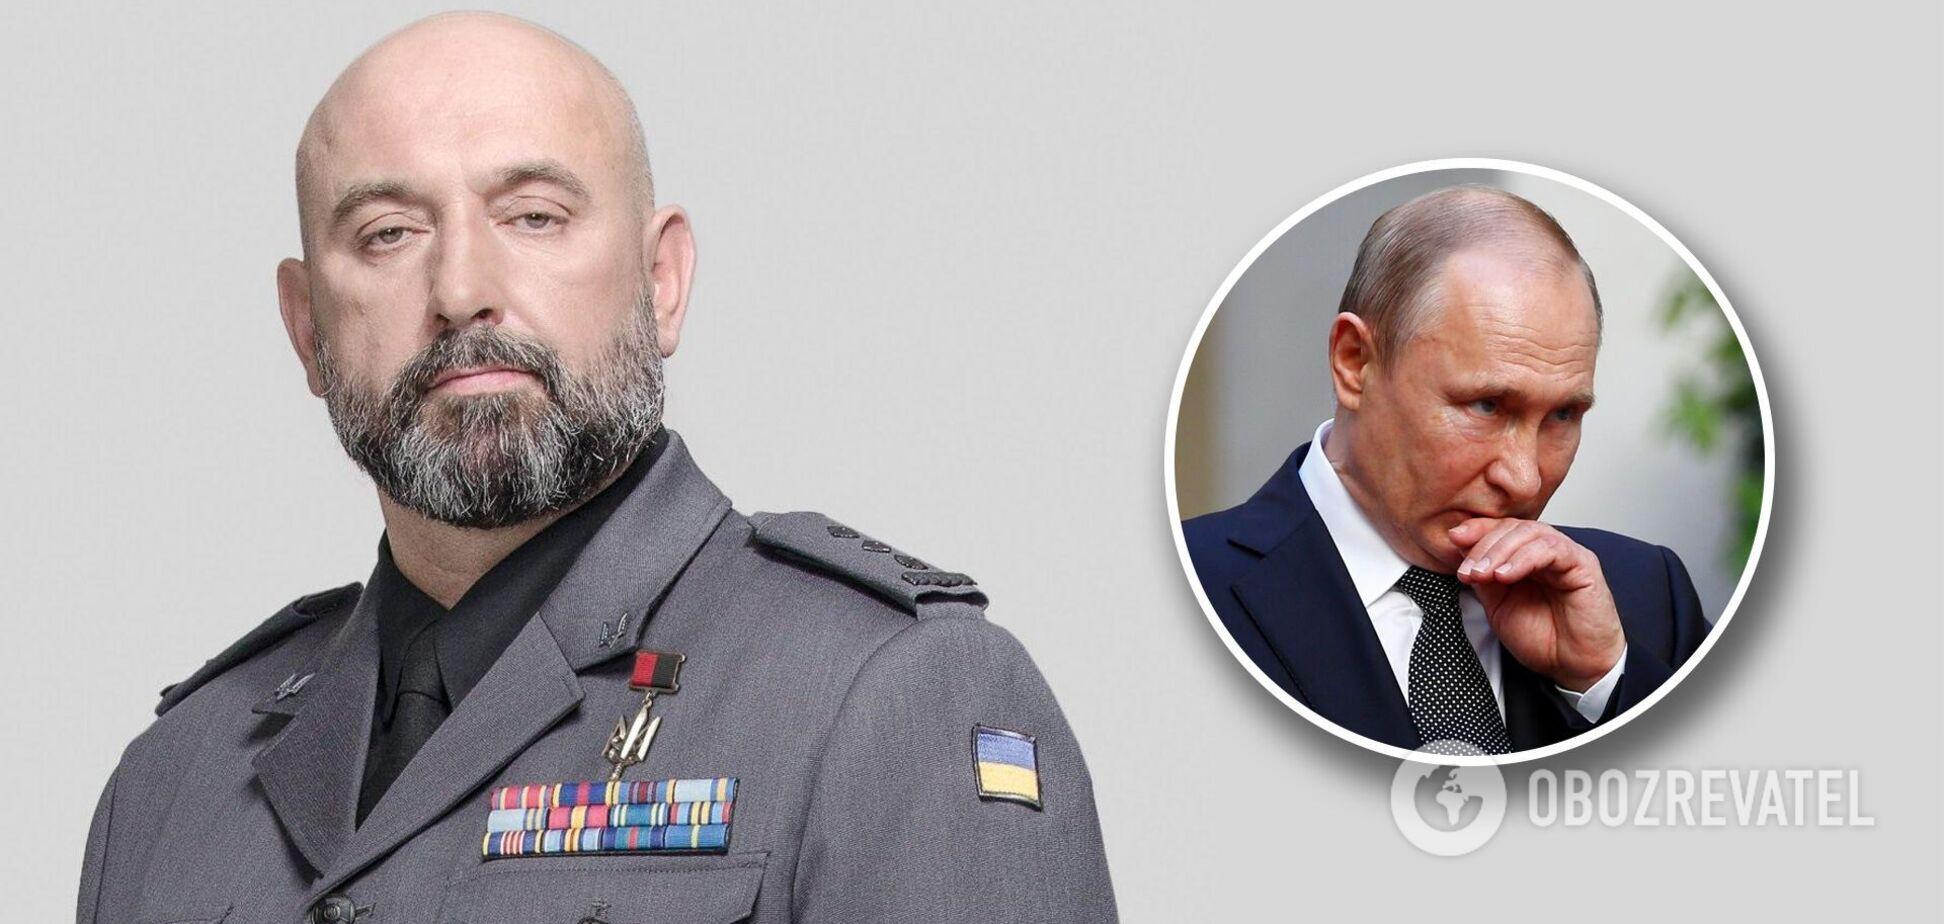 Генерал ЗСУ Кривонос: Путін боїться потоку трун у РФ, тому змушений зважати на українську армію